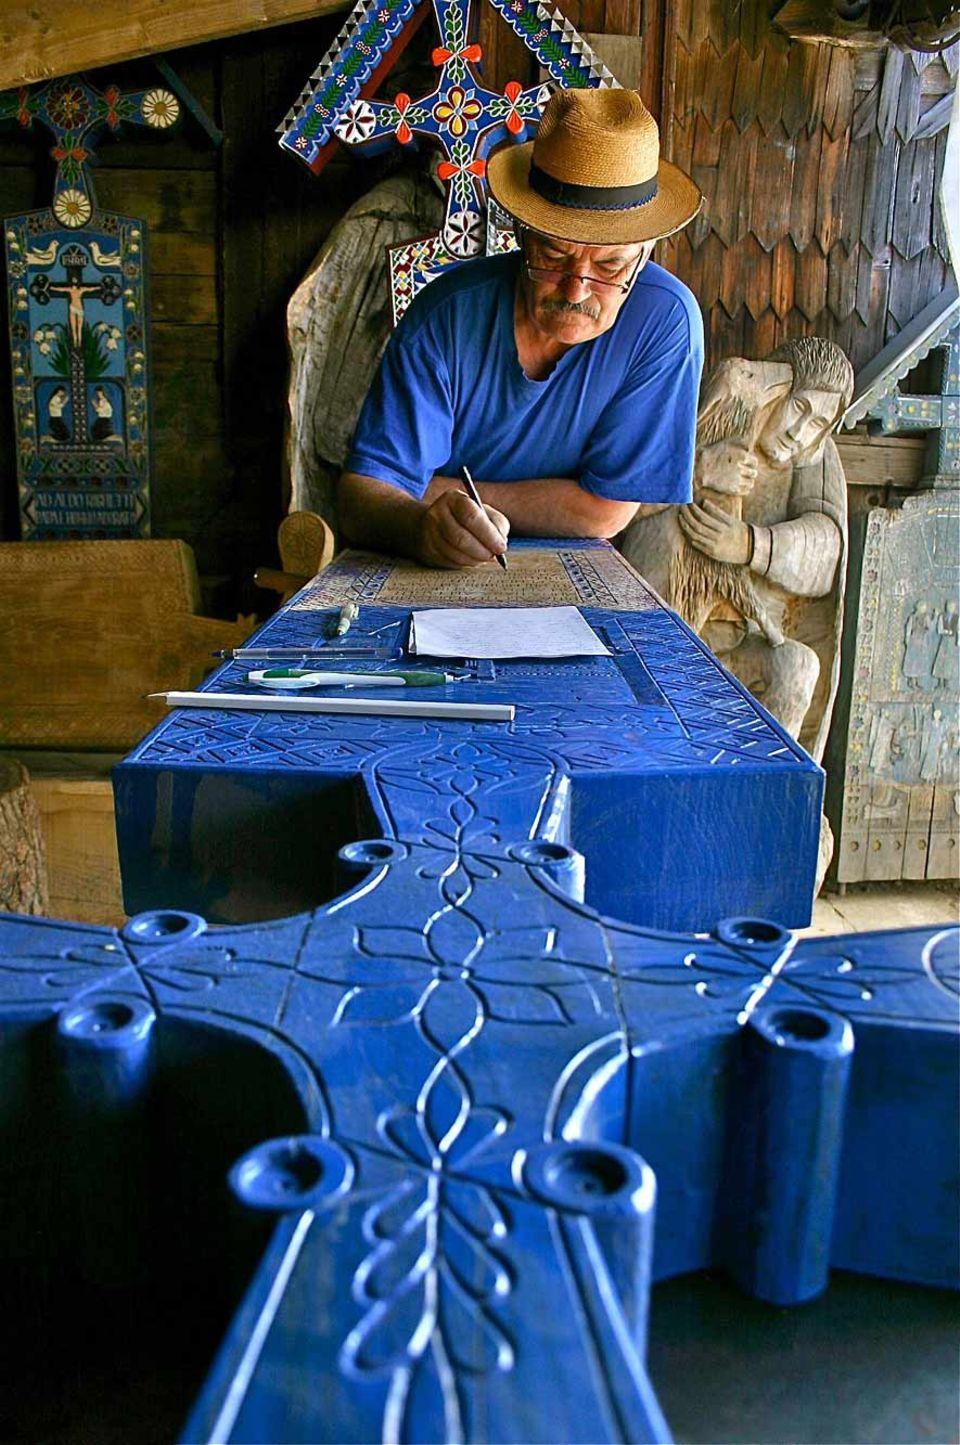 """Dumitru Pop fertigt die kunstvollen Kreuze für den Friedhof von Sâpânta. Grundlage für seine ins Holz gemeißelten Texte und Bilder ist das typische, leuchtende """"Blau von Sâpânta"""""""